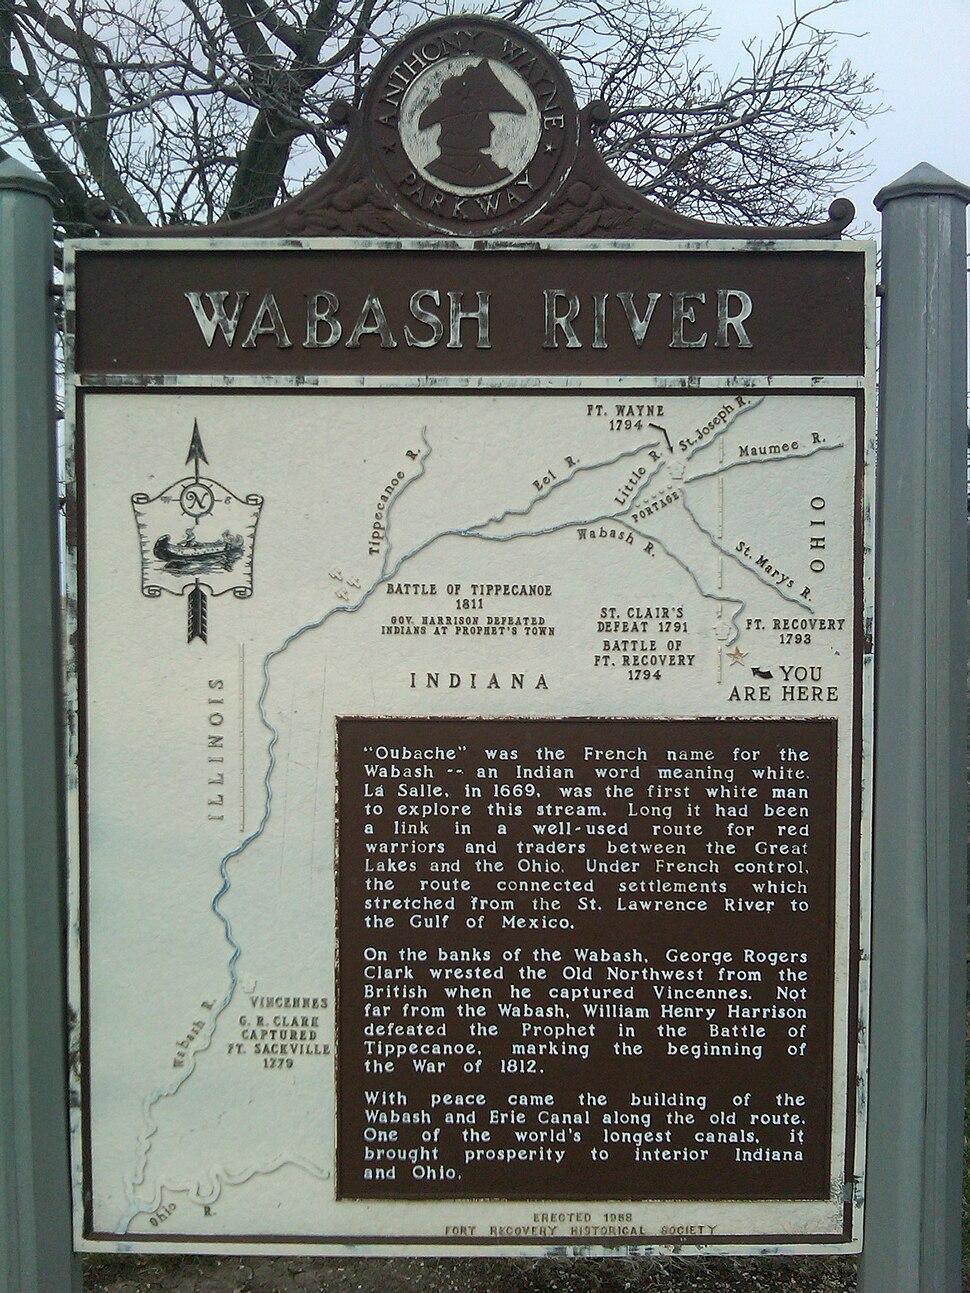 Wabash River historical marker